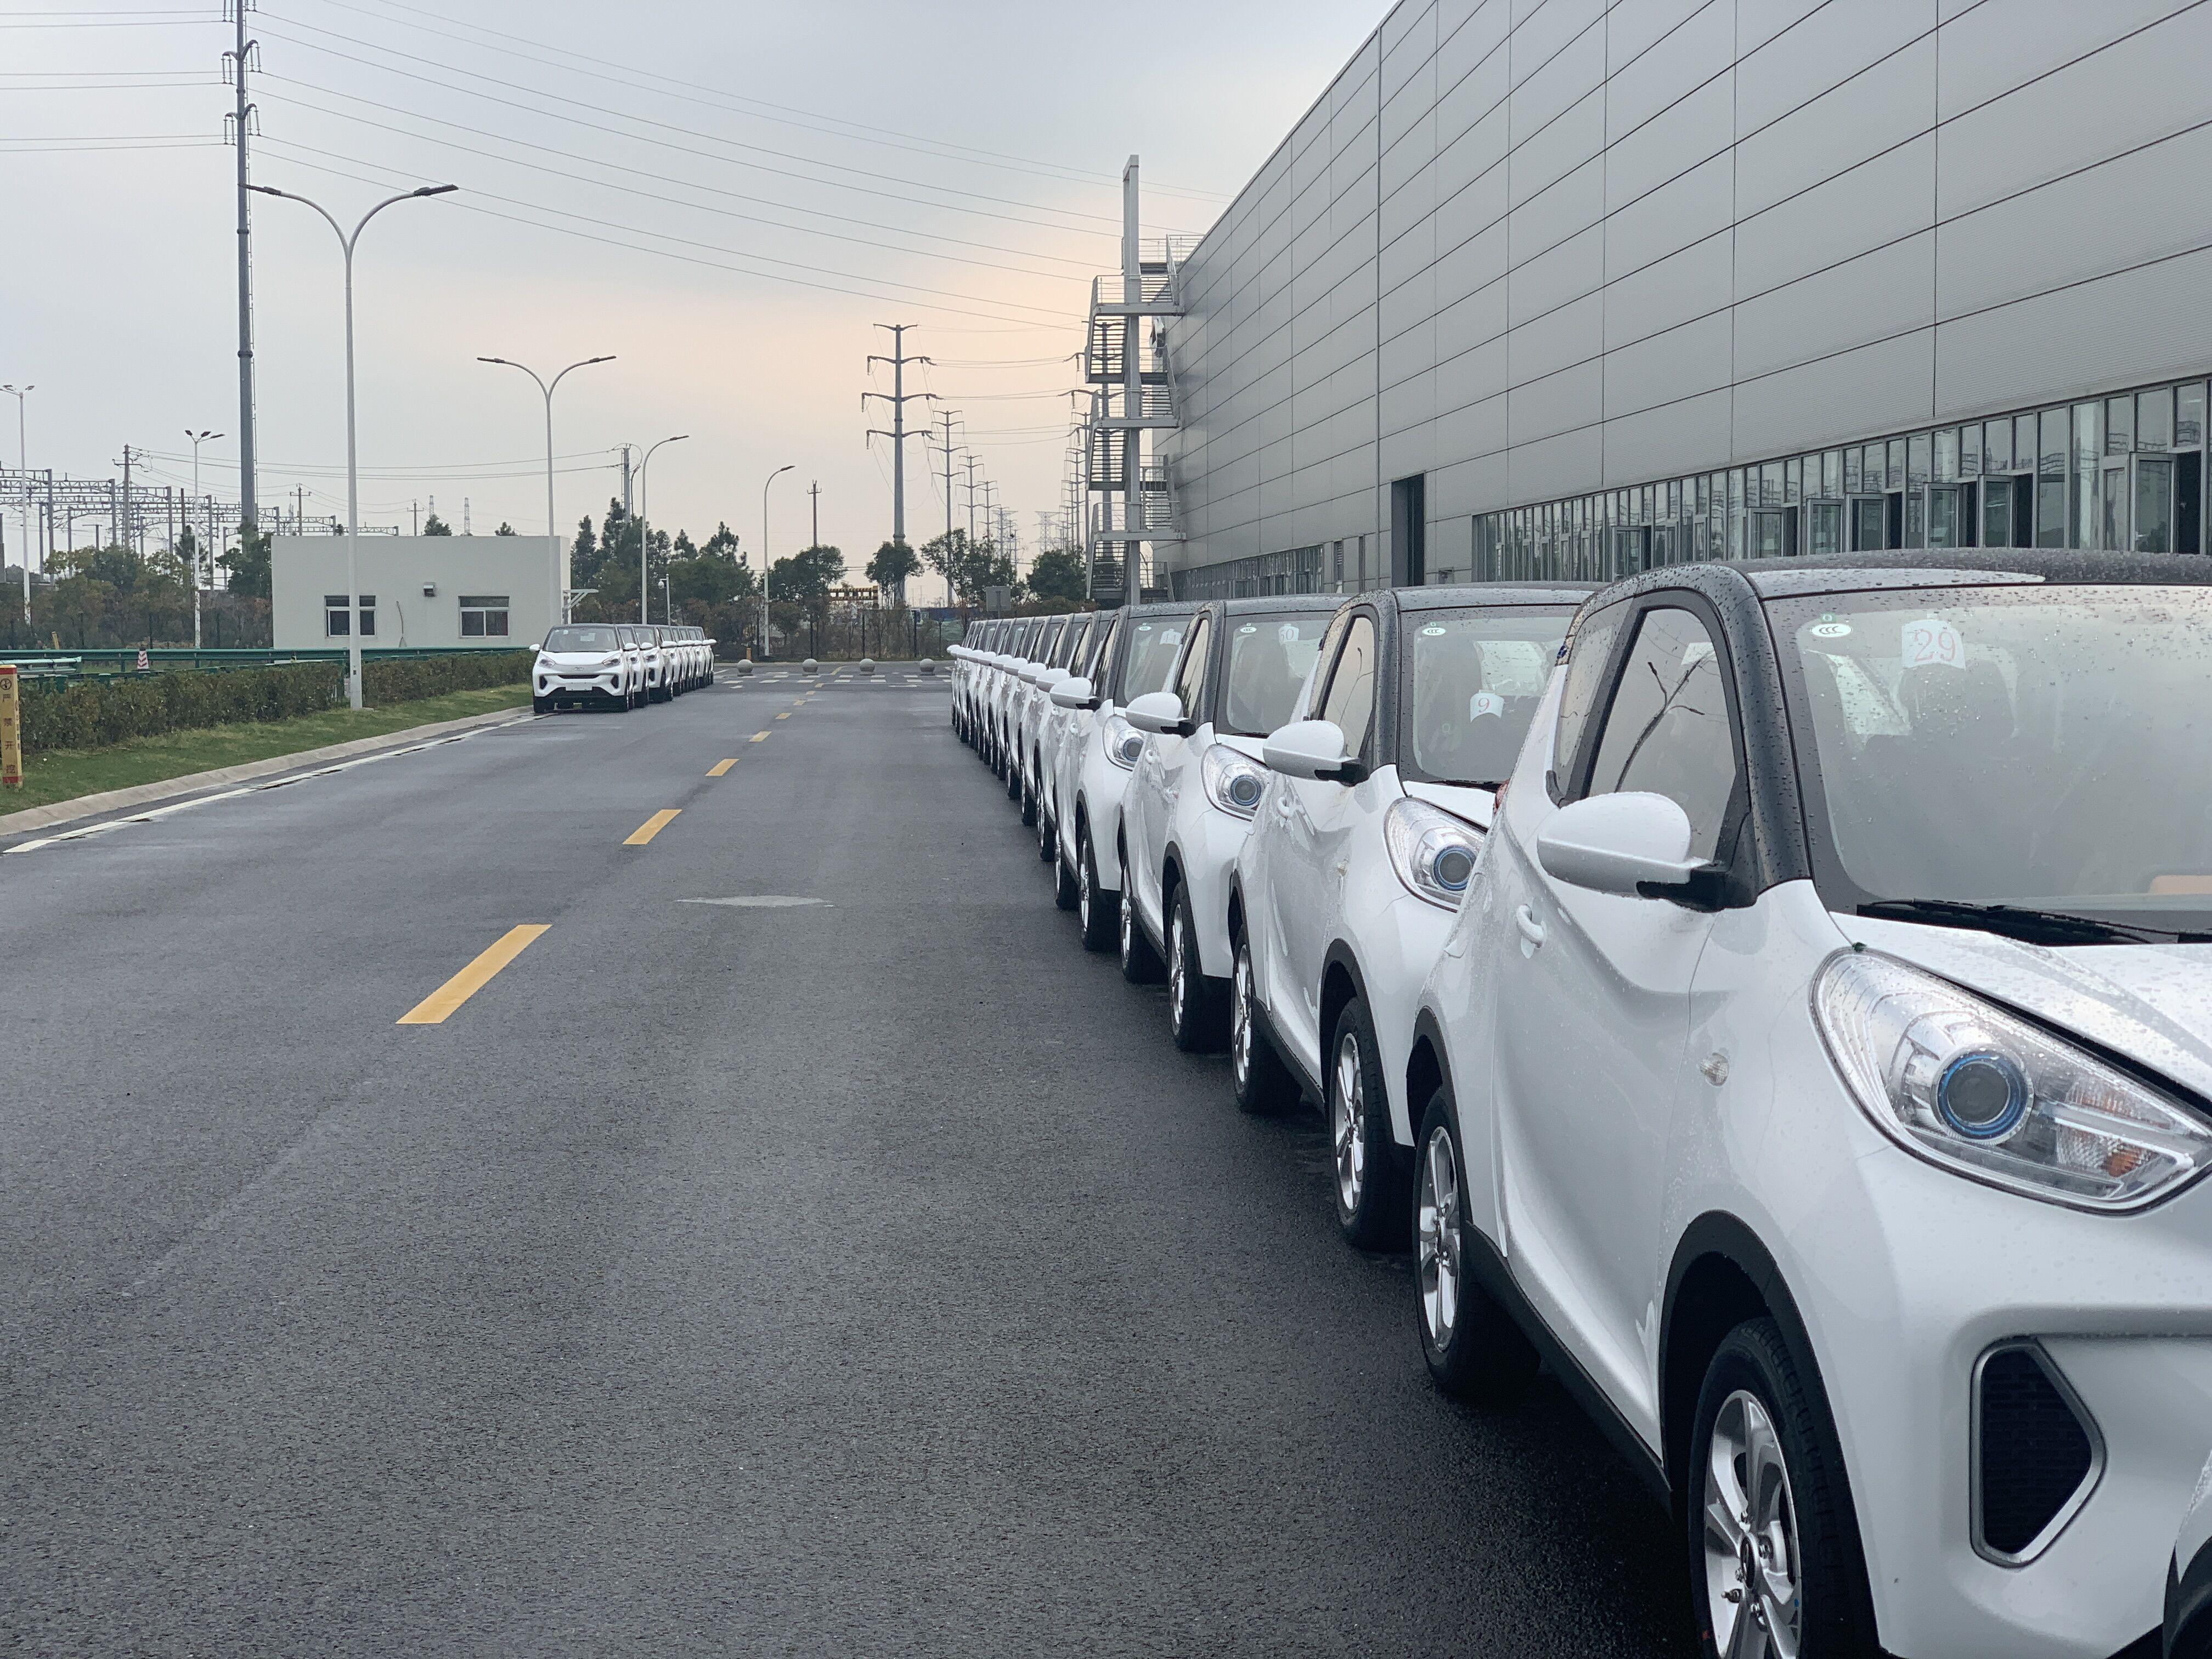 国际能源署:到2030年全球电动汽车将达到1.45亿辆